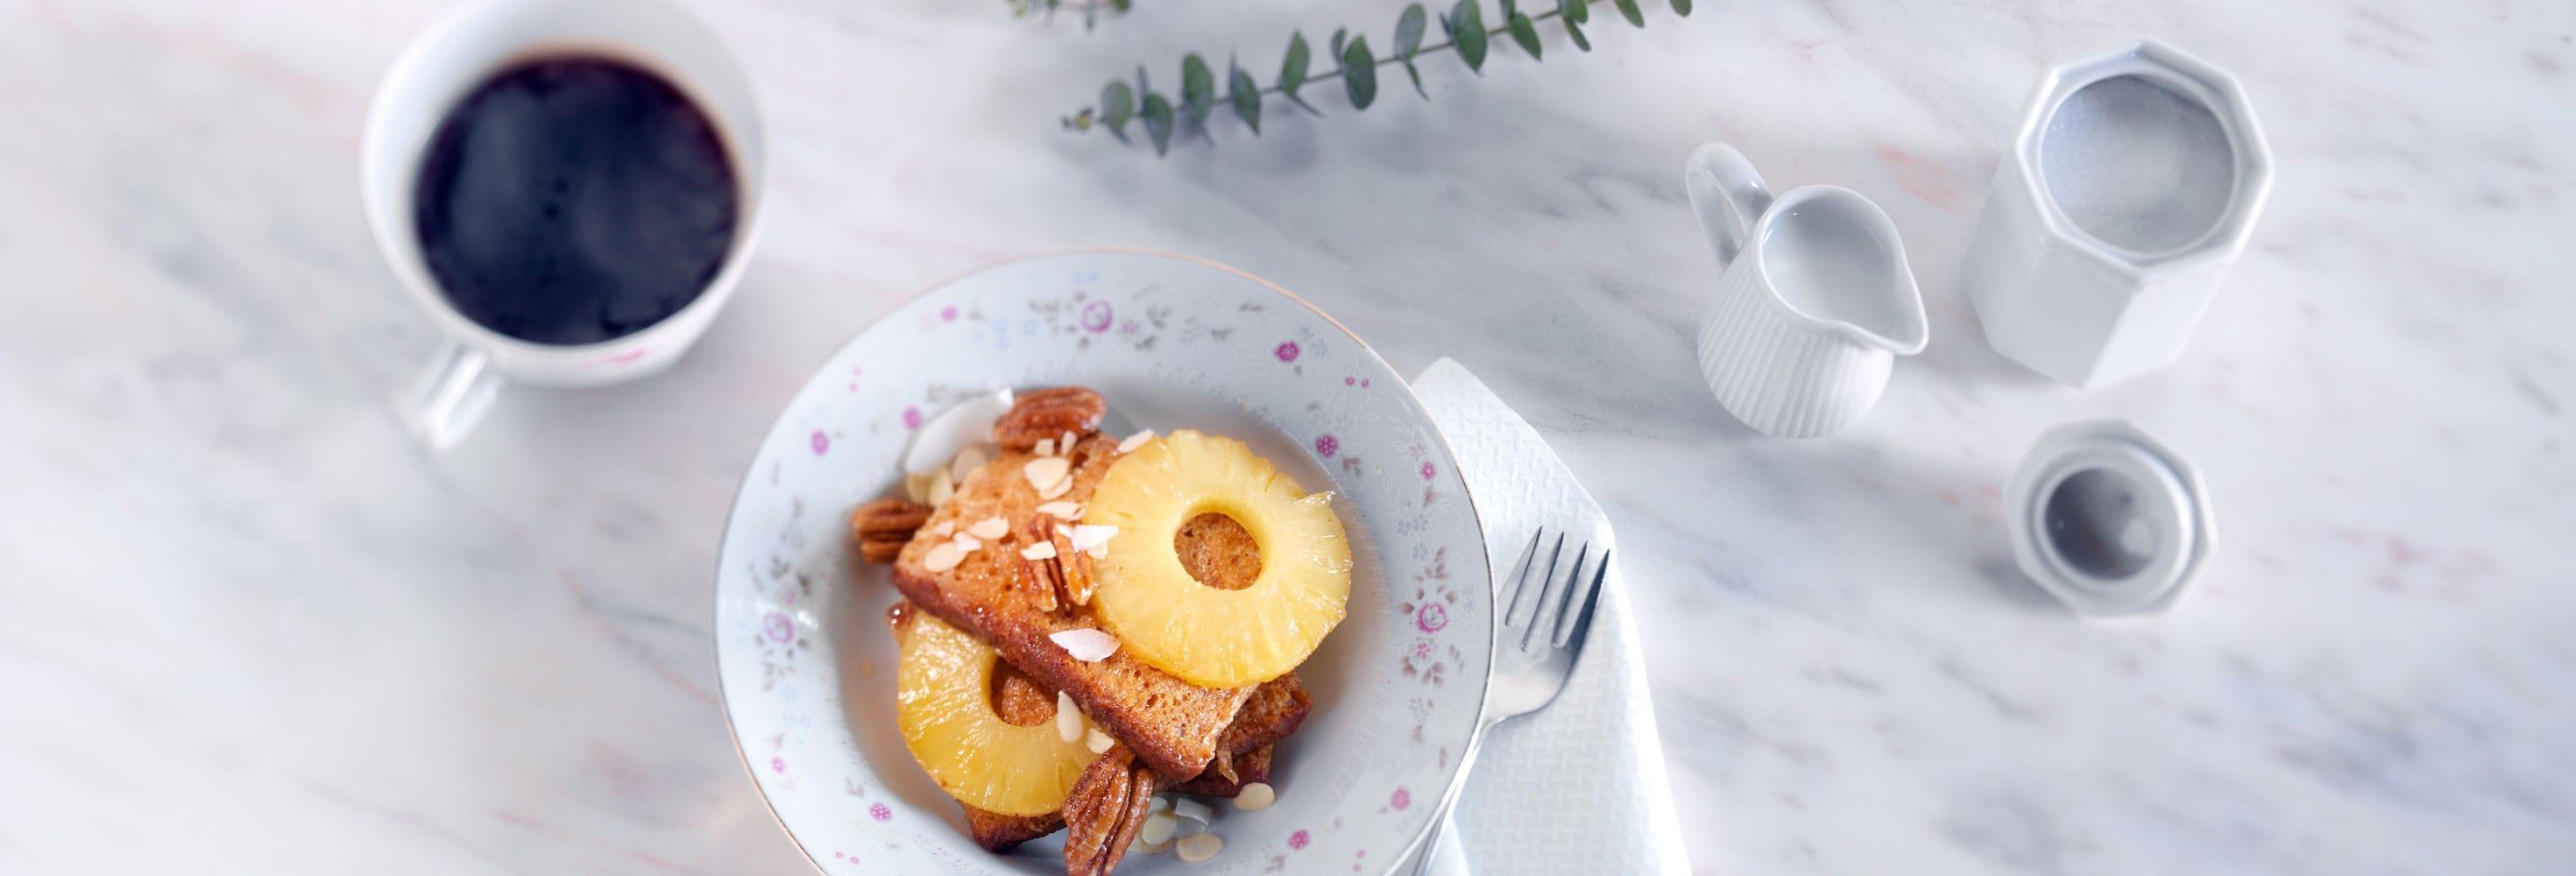 Pain d'épices perdu et ananas rôti